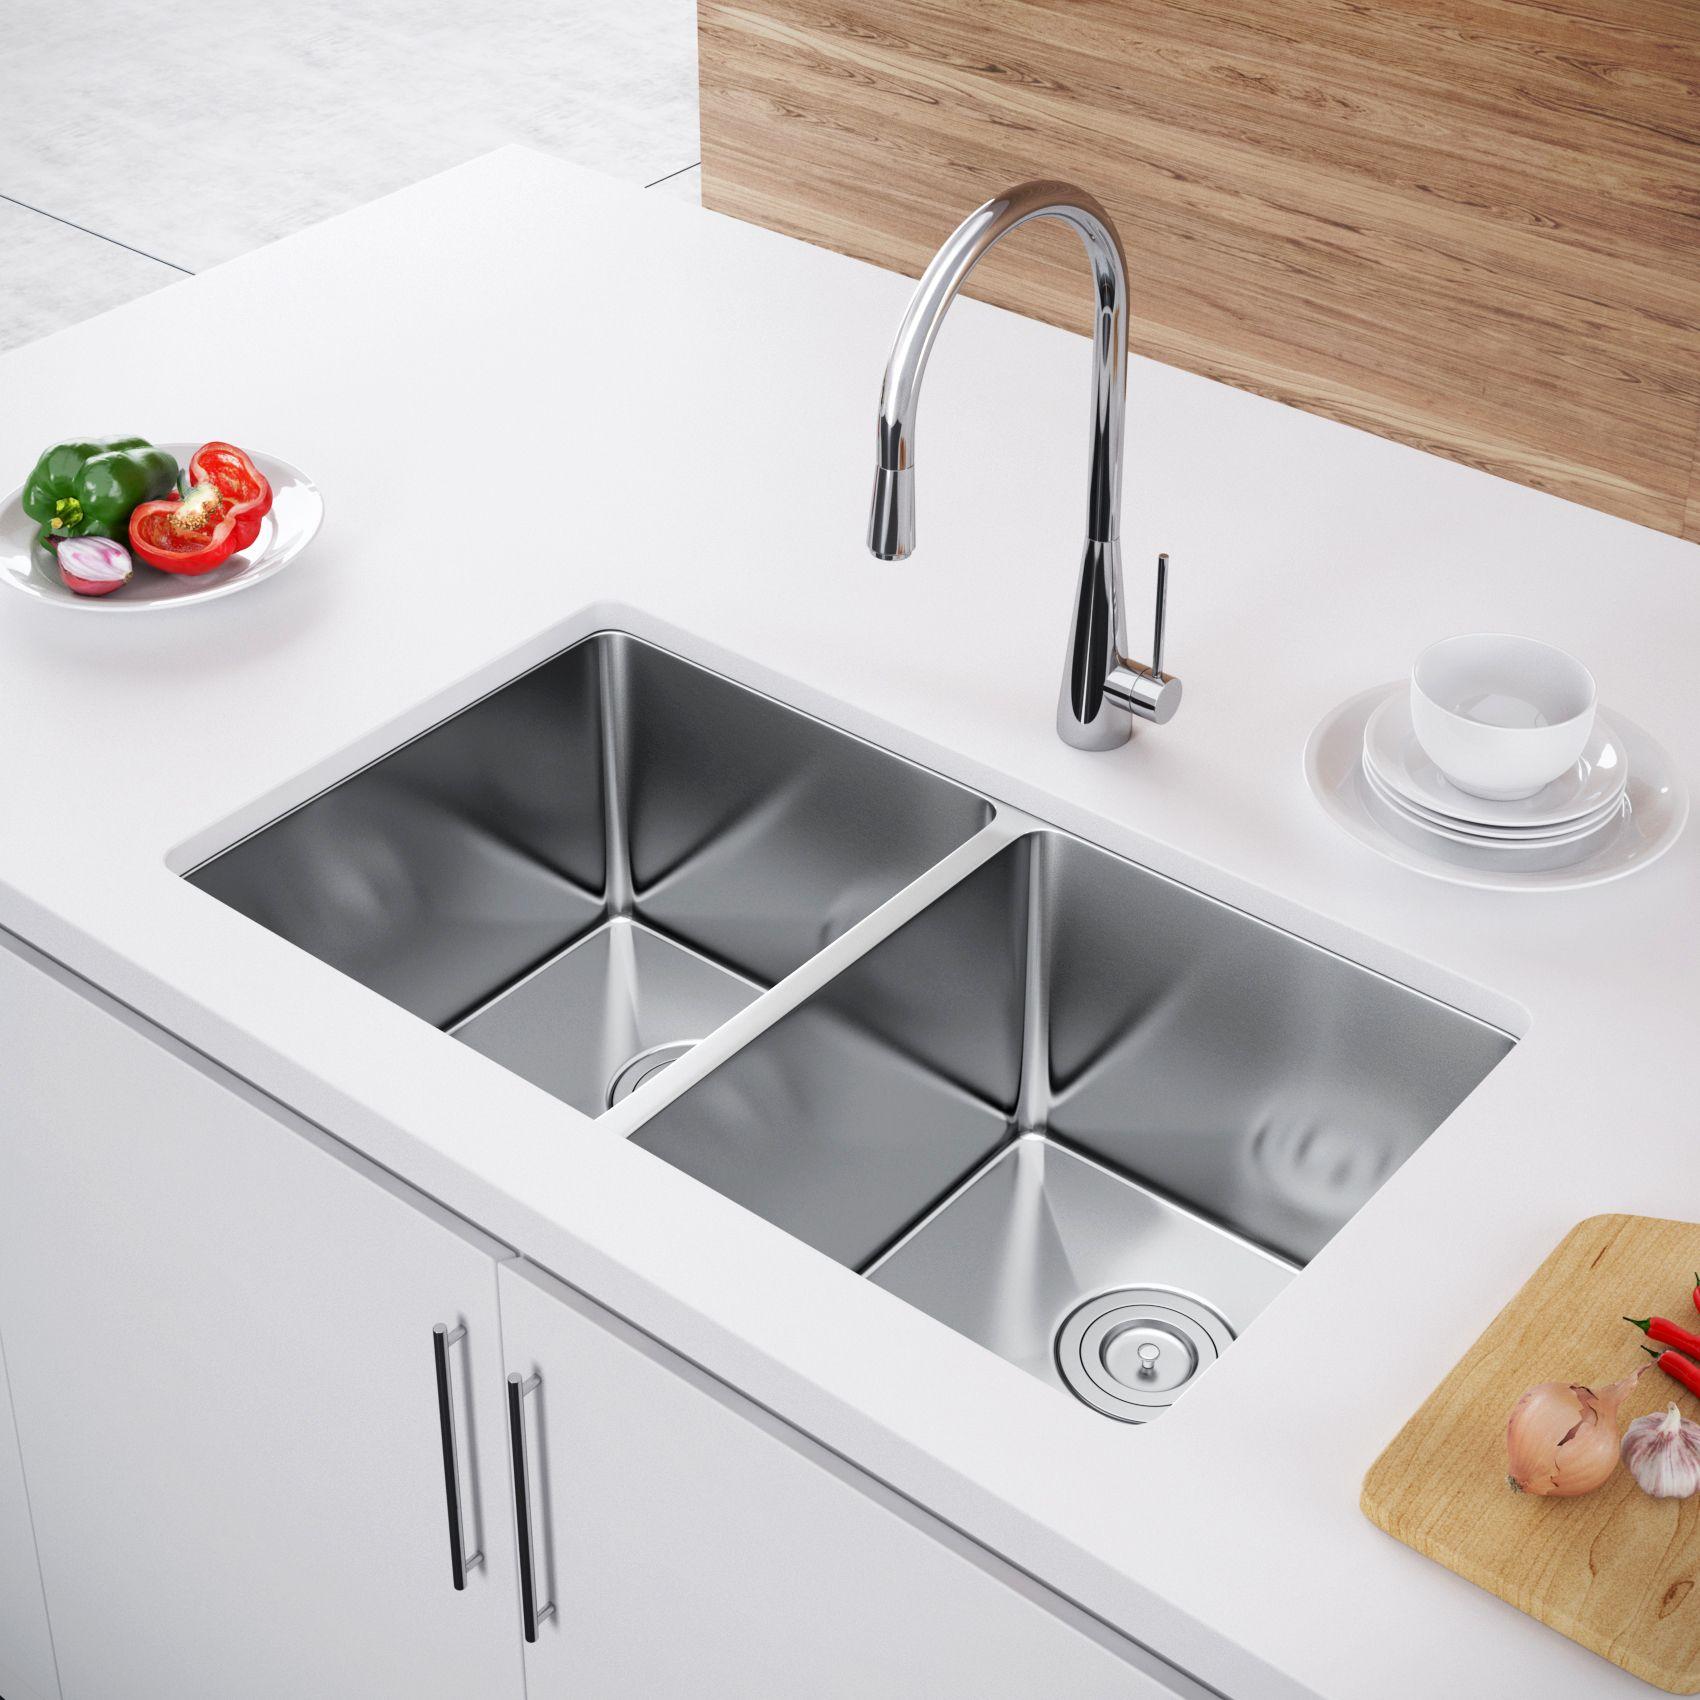 Pin On Stainless Steel Kitchen Sinks